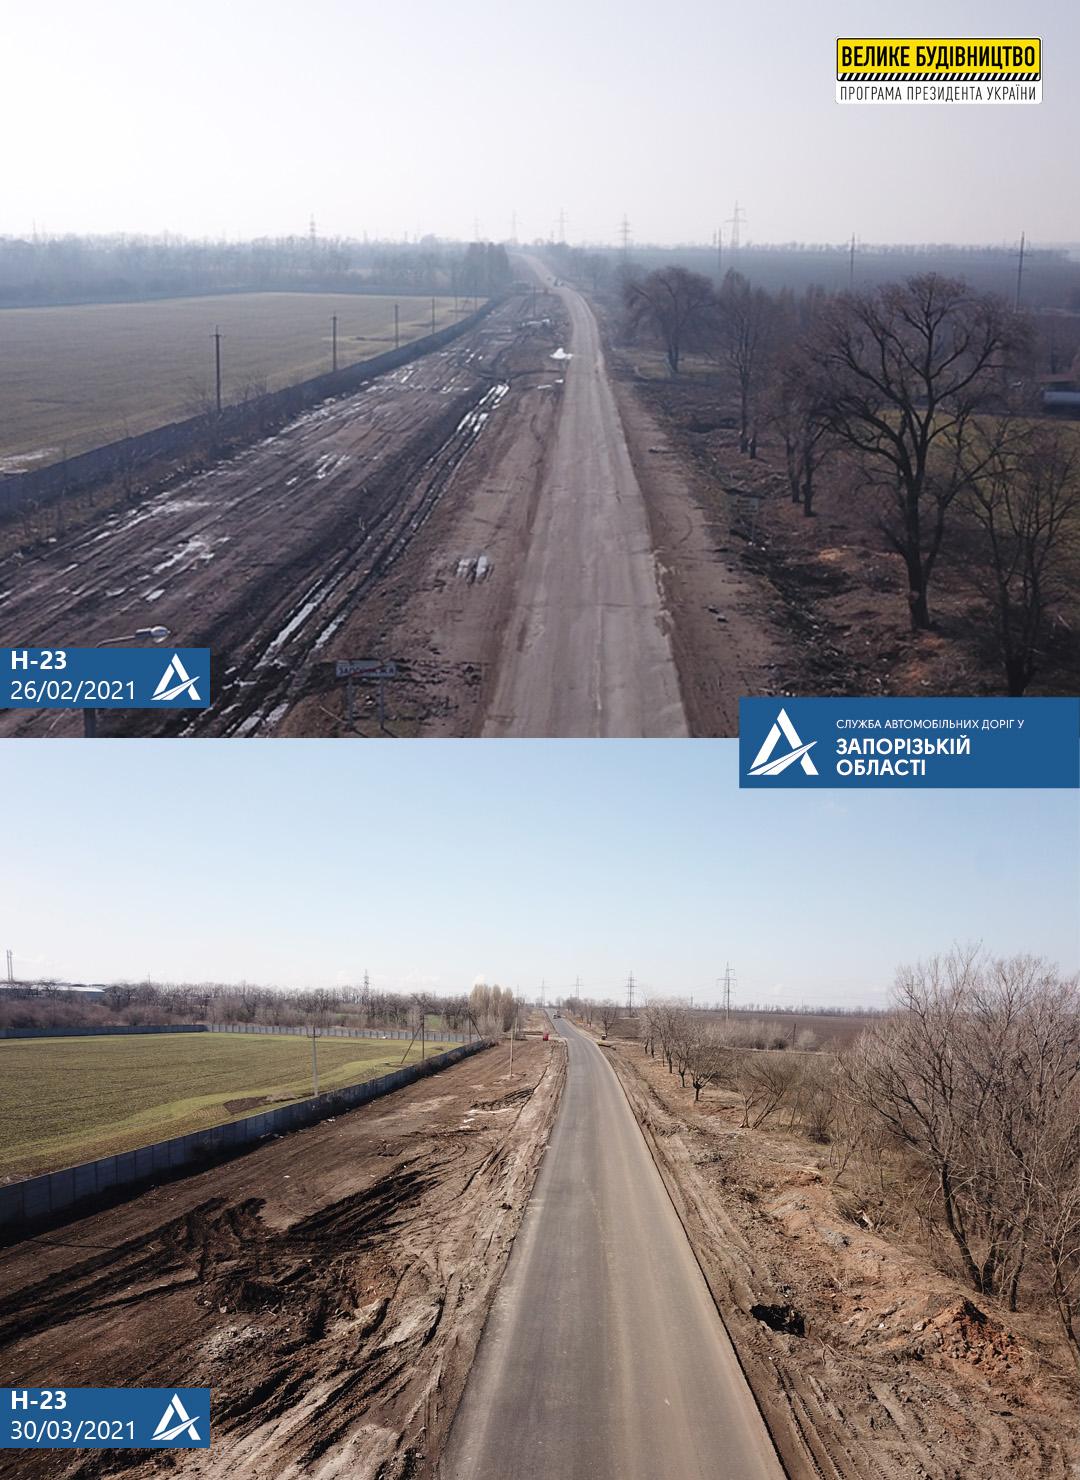 В Запорожской области продолжается ремонт важной трассы (ФОТО)